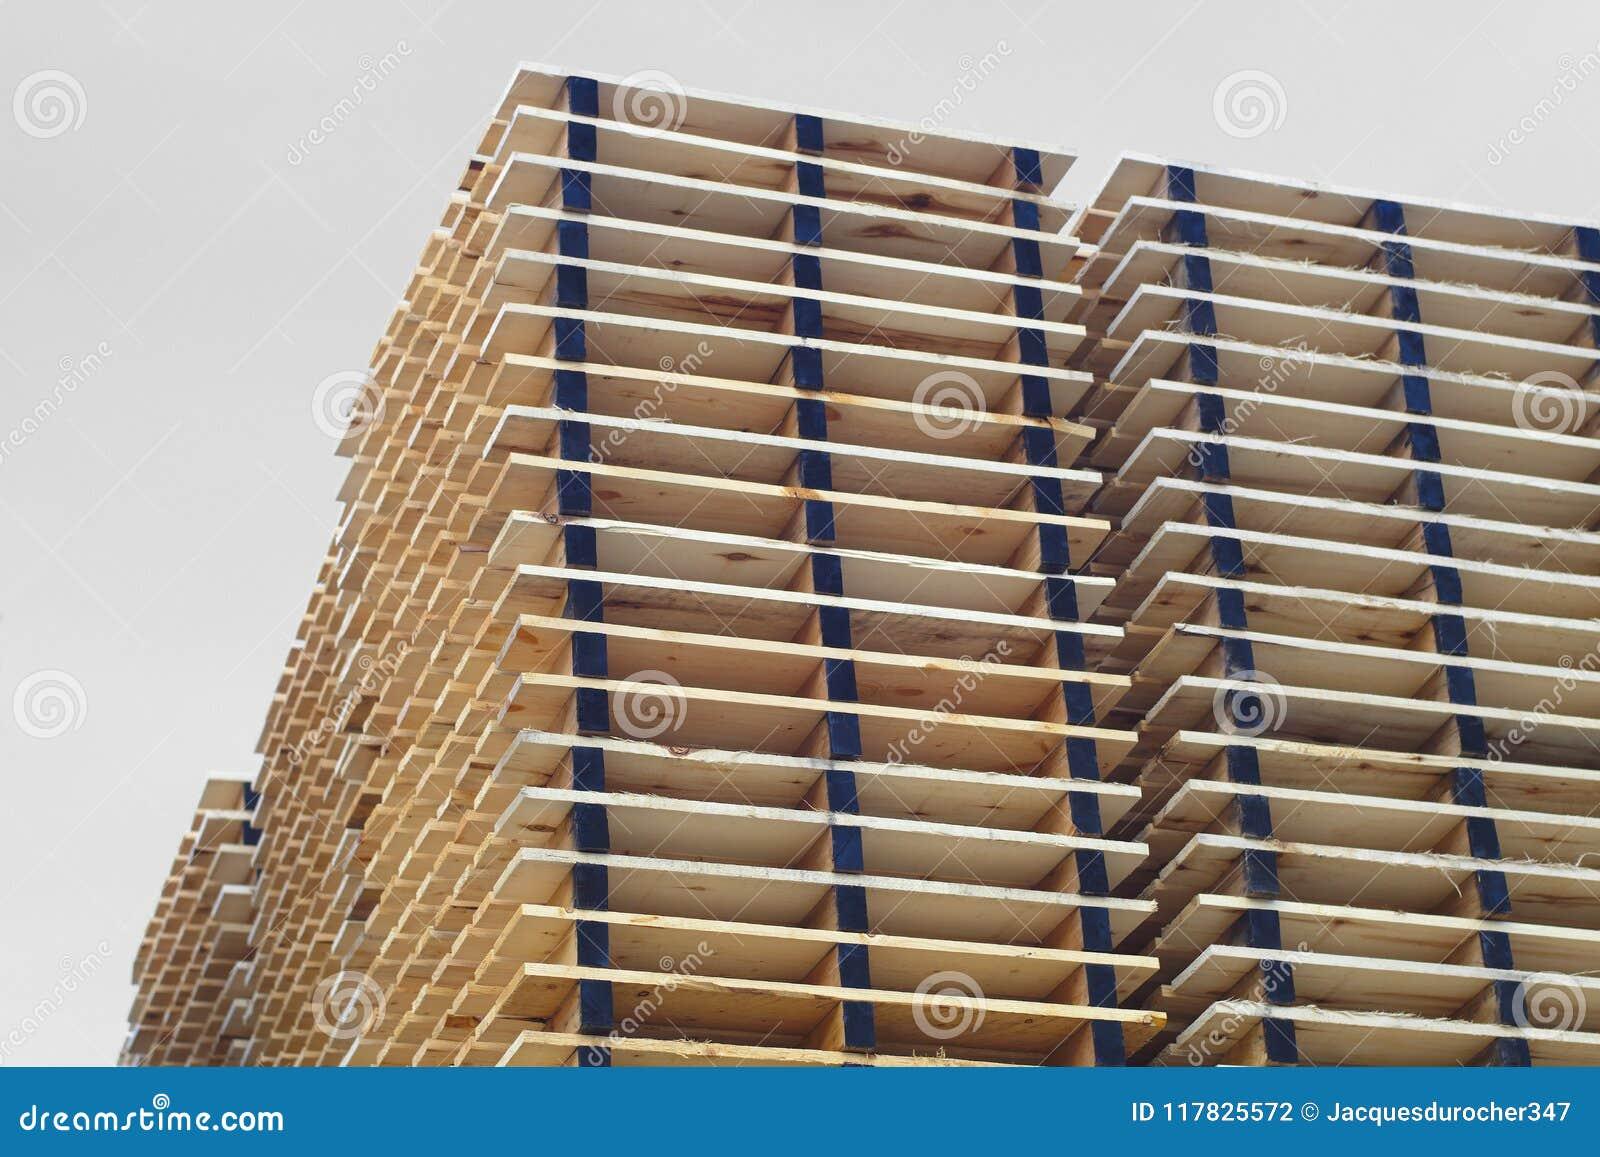 Páletes de madeira das pranchas que empacotam a jarda do armazém de distribuição da expedição